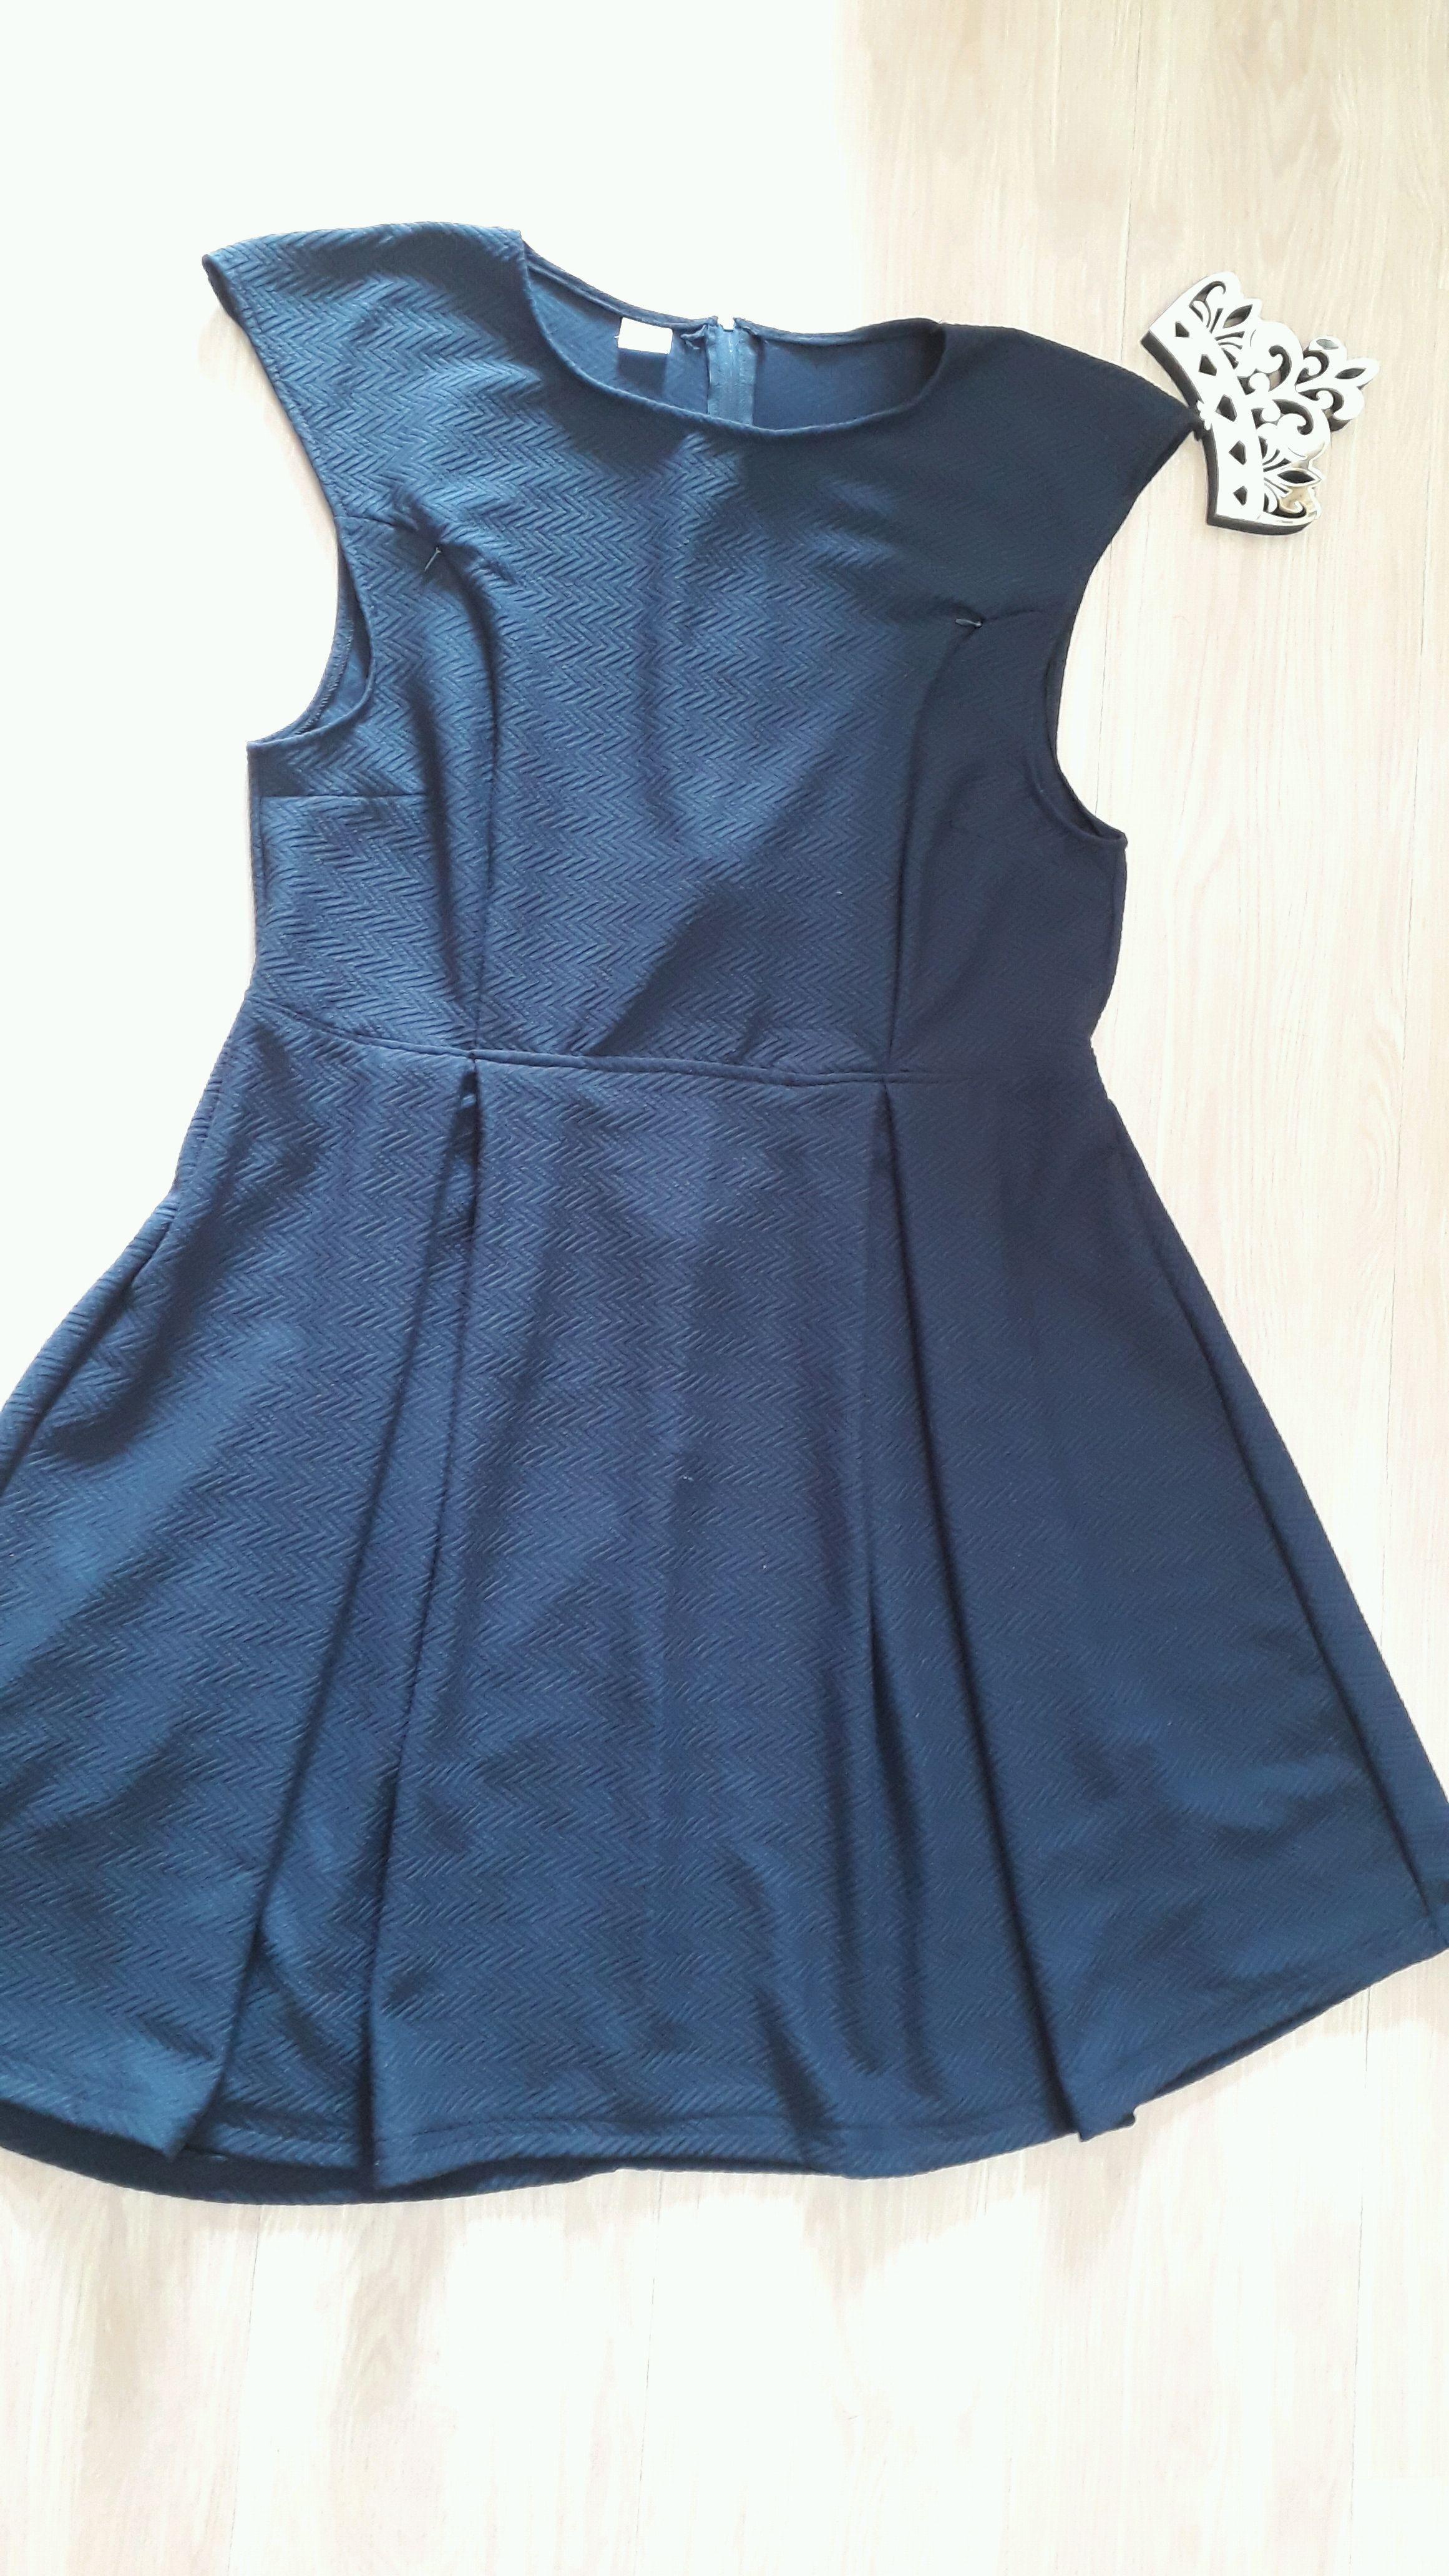 ac552cab2 Vestido de Amamentação tamanho GG no Elo7 | Ateliê Stephanie Ferreira  (E6DA00)